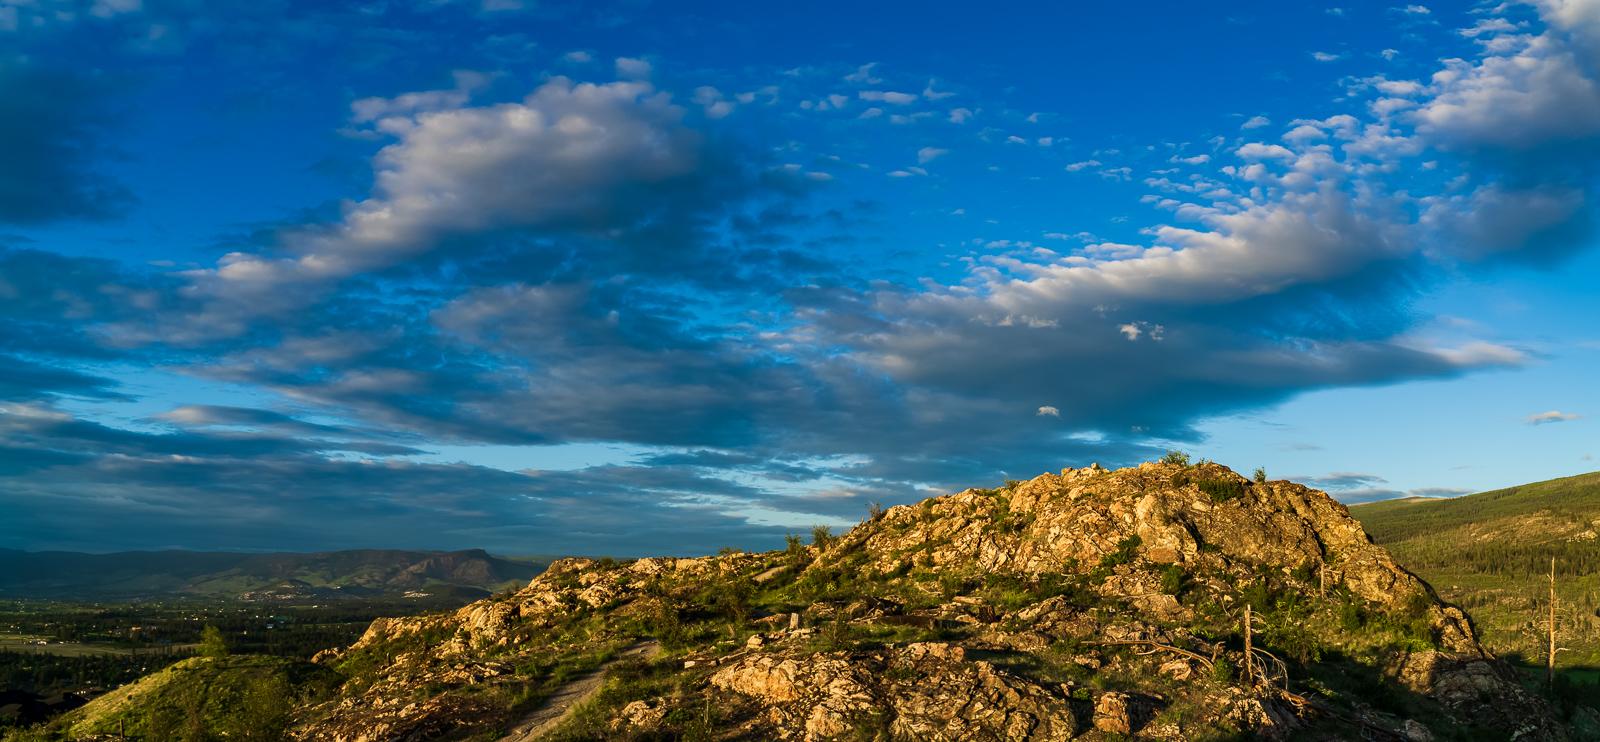 Kuipers' Peak